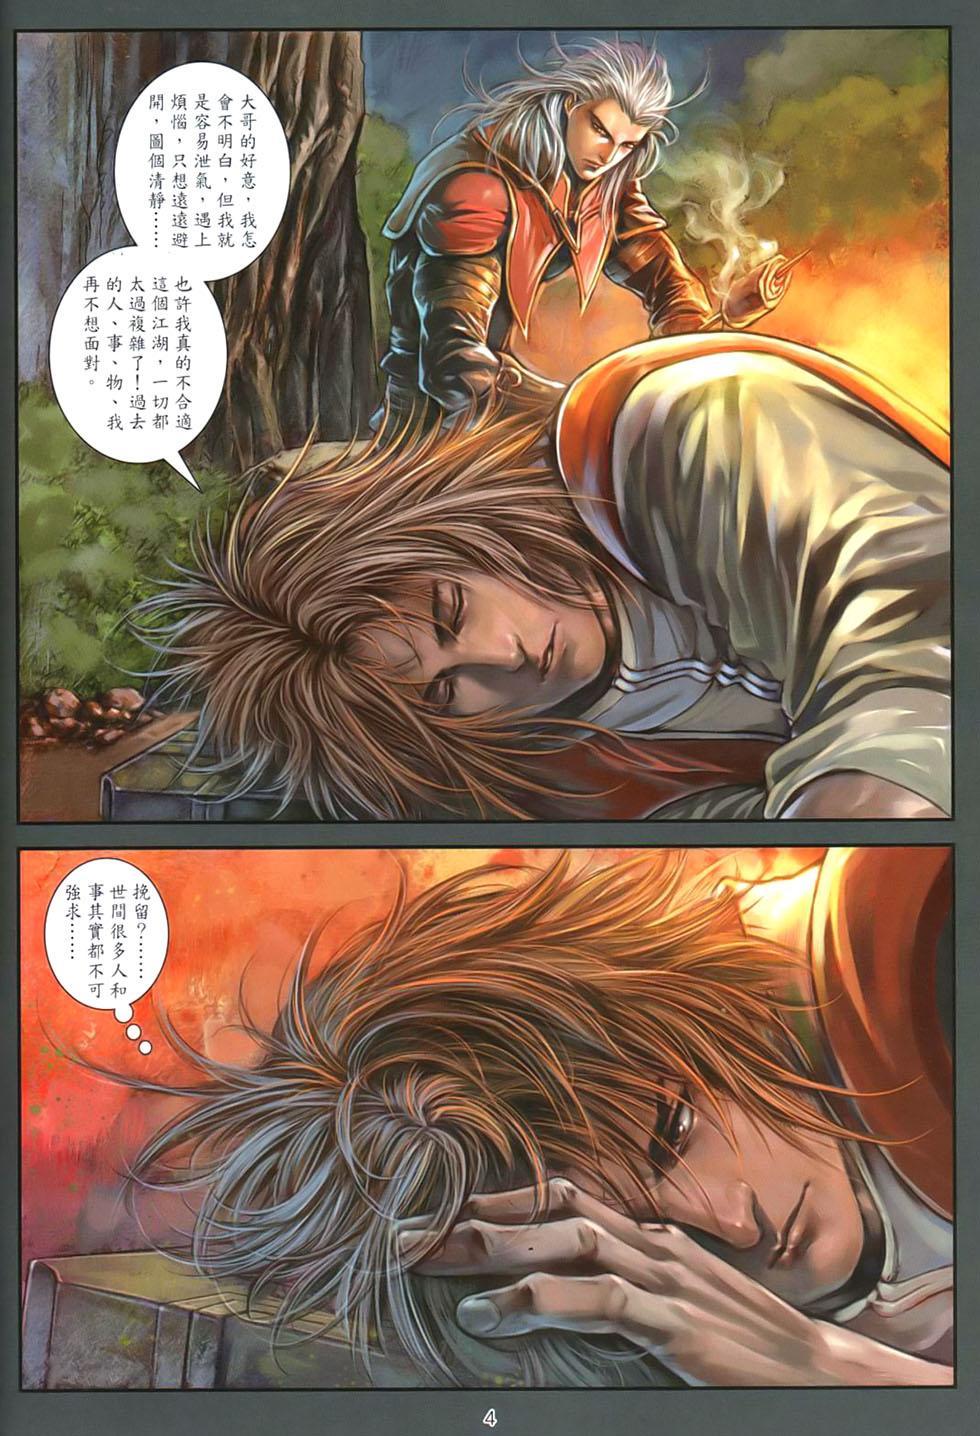 溫瑞安群俠傳漫畫溫瑞安群俠傳89話(第4頁)劇情-二次元動漫